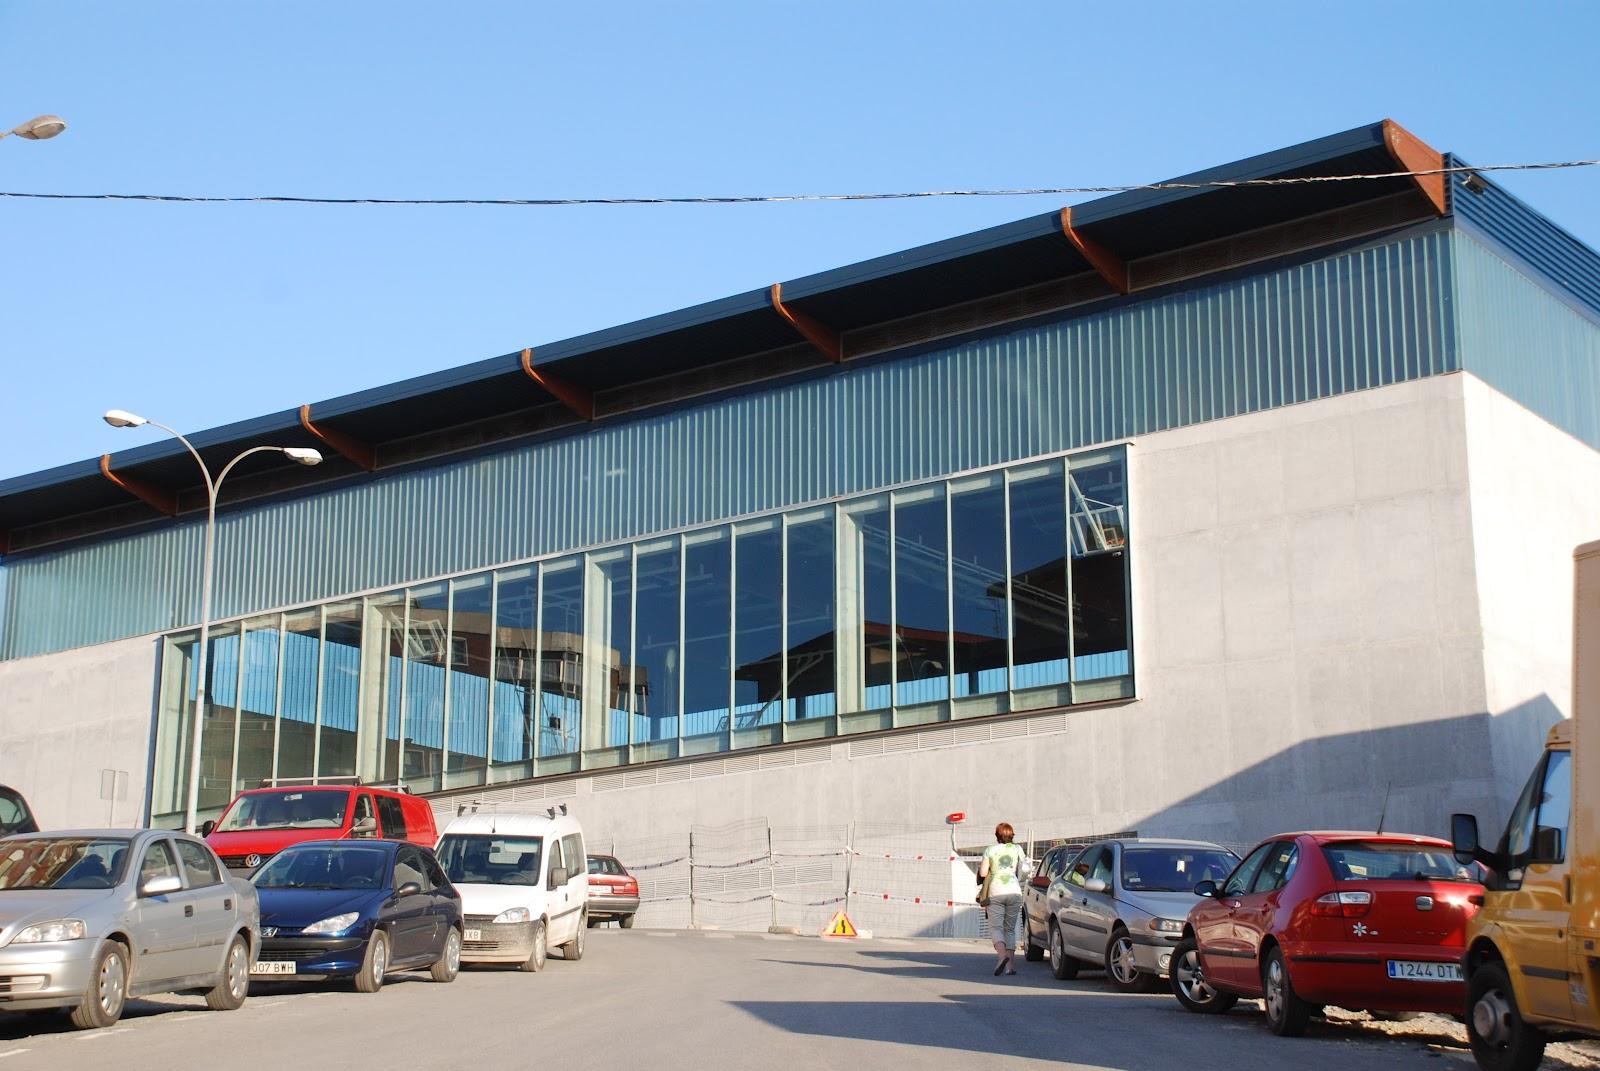 Santurtzi berriak el ayuntamiento de santurtzi pone en - Alquiler de pisos en santurtzi ...